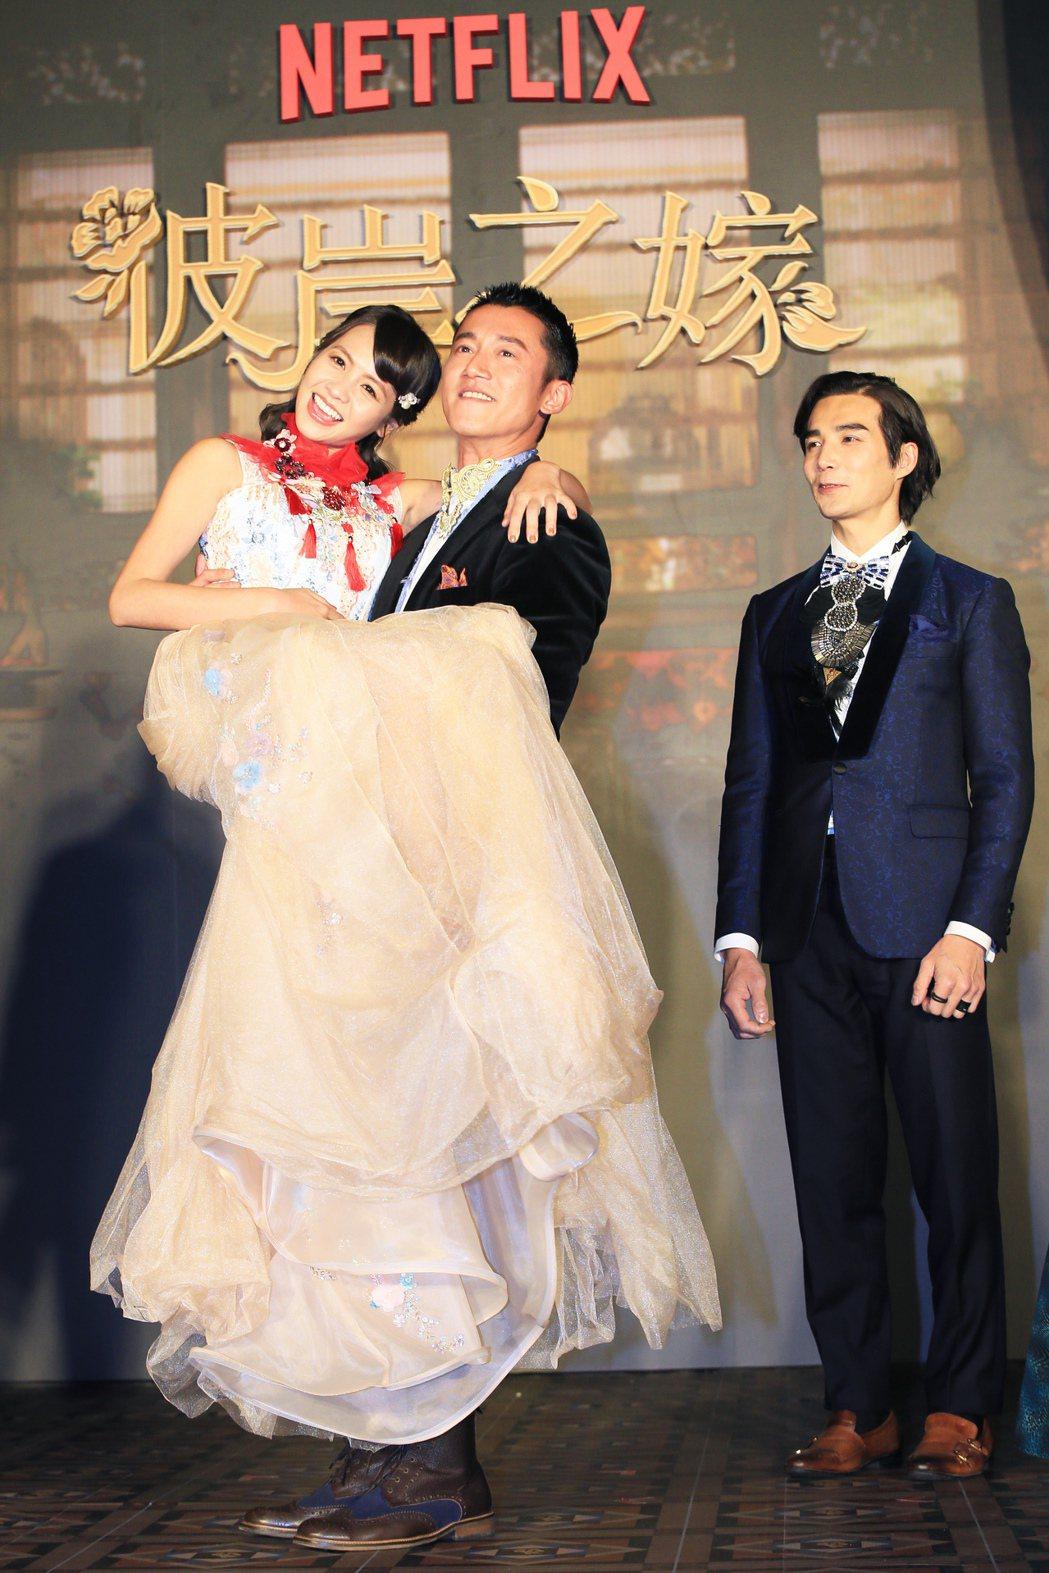 華語原創影集「彼岸之嫁」主要演員吳慷仁(中)抱起黃姵嘉(左)。記者潘俊宏/攝影